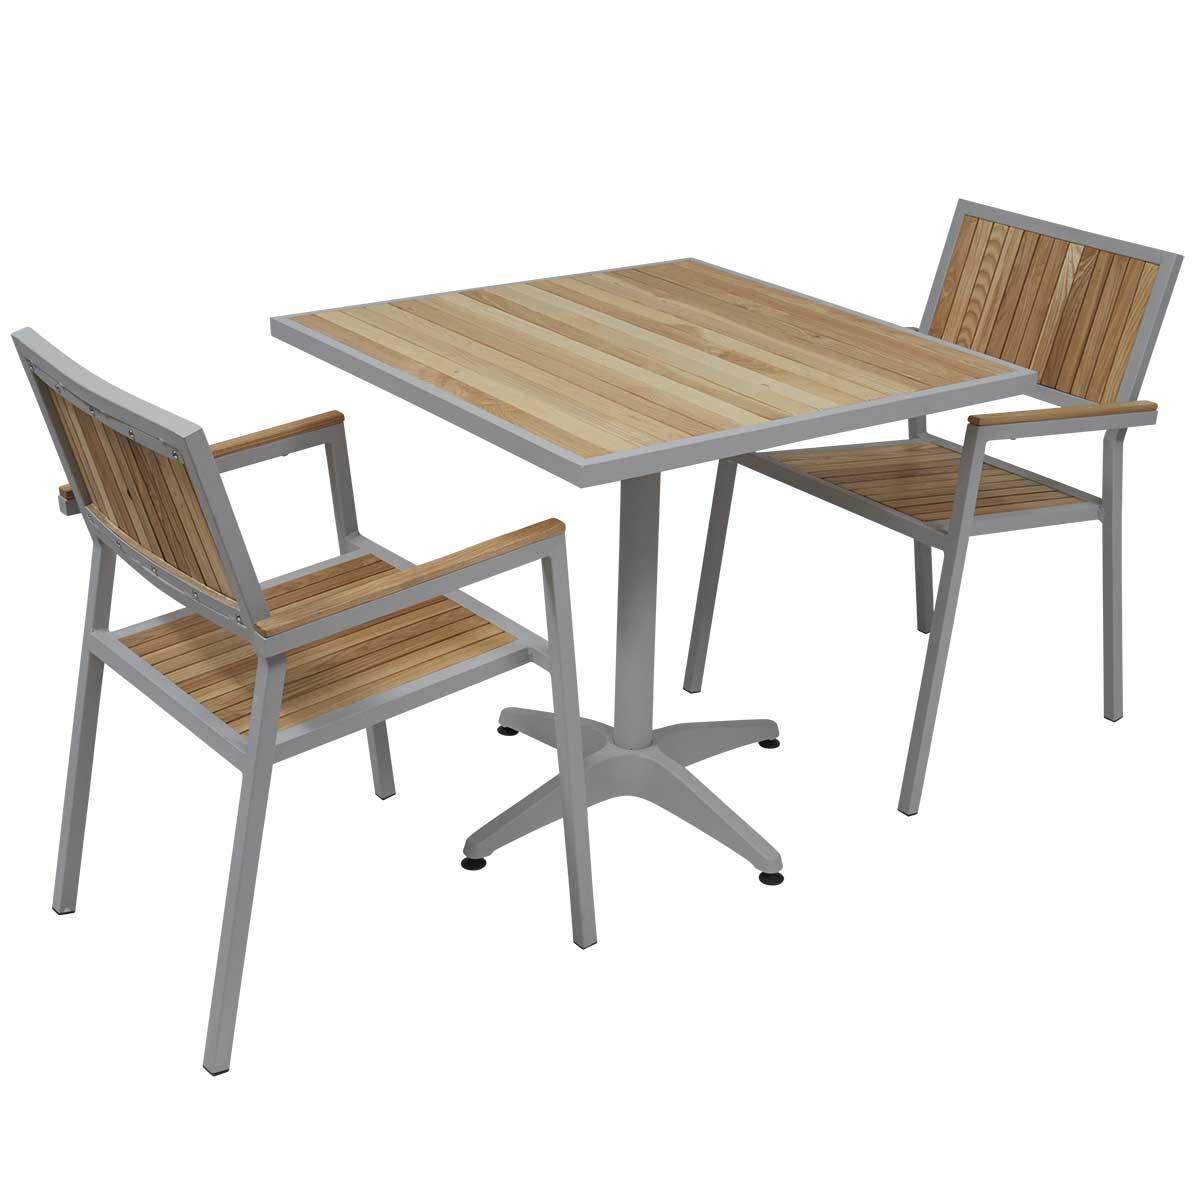 Table Jardin Bistrot Frais Table Terrasse Pas Cher Of 40 Nouveau Table Jardin Bistrot